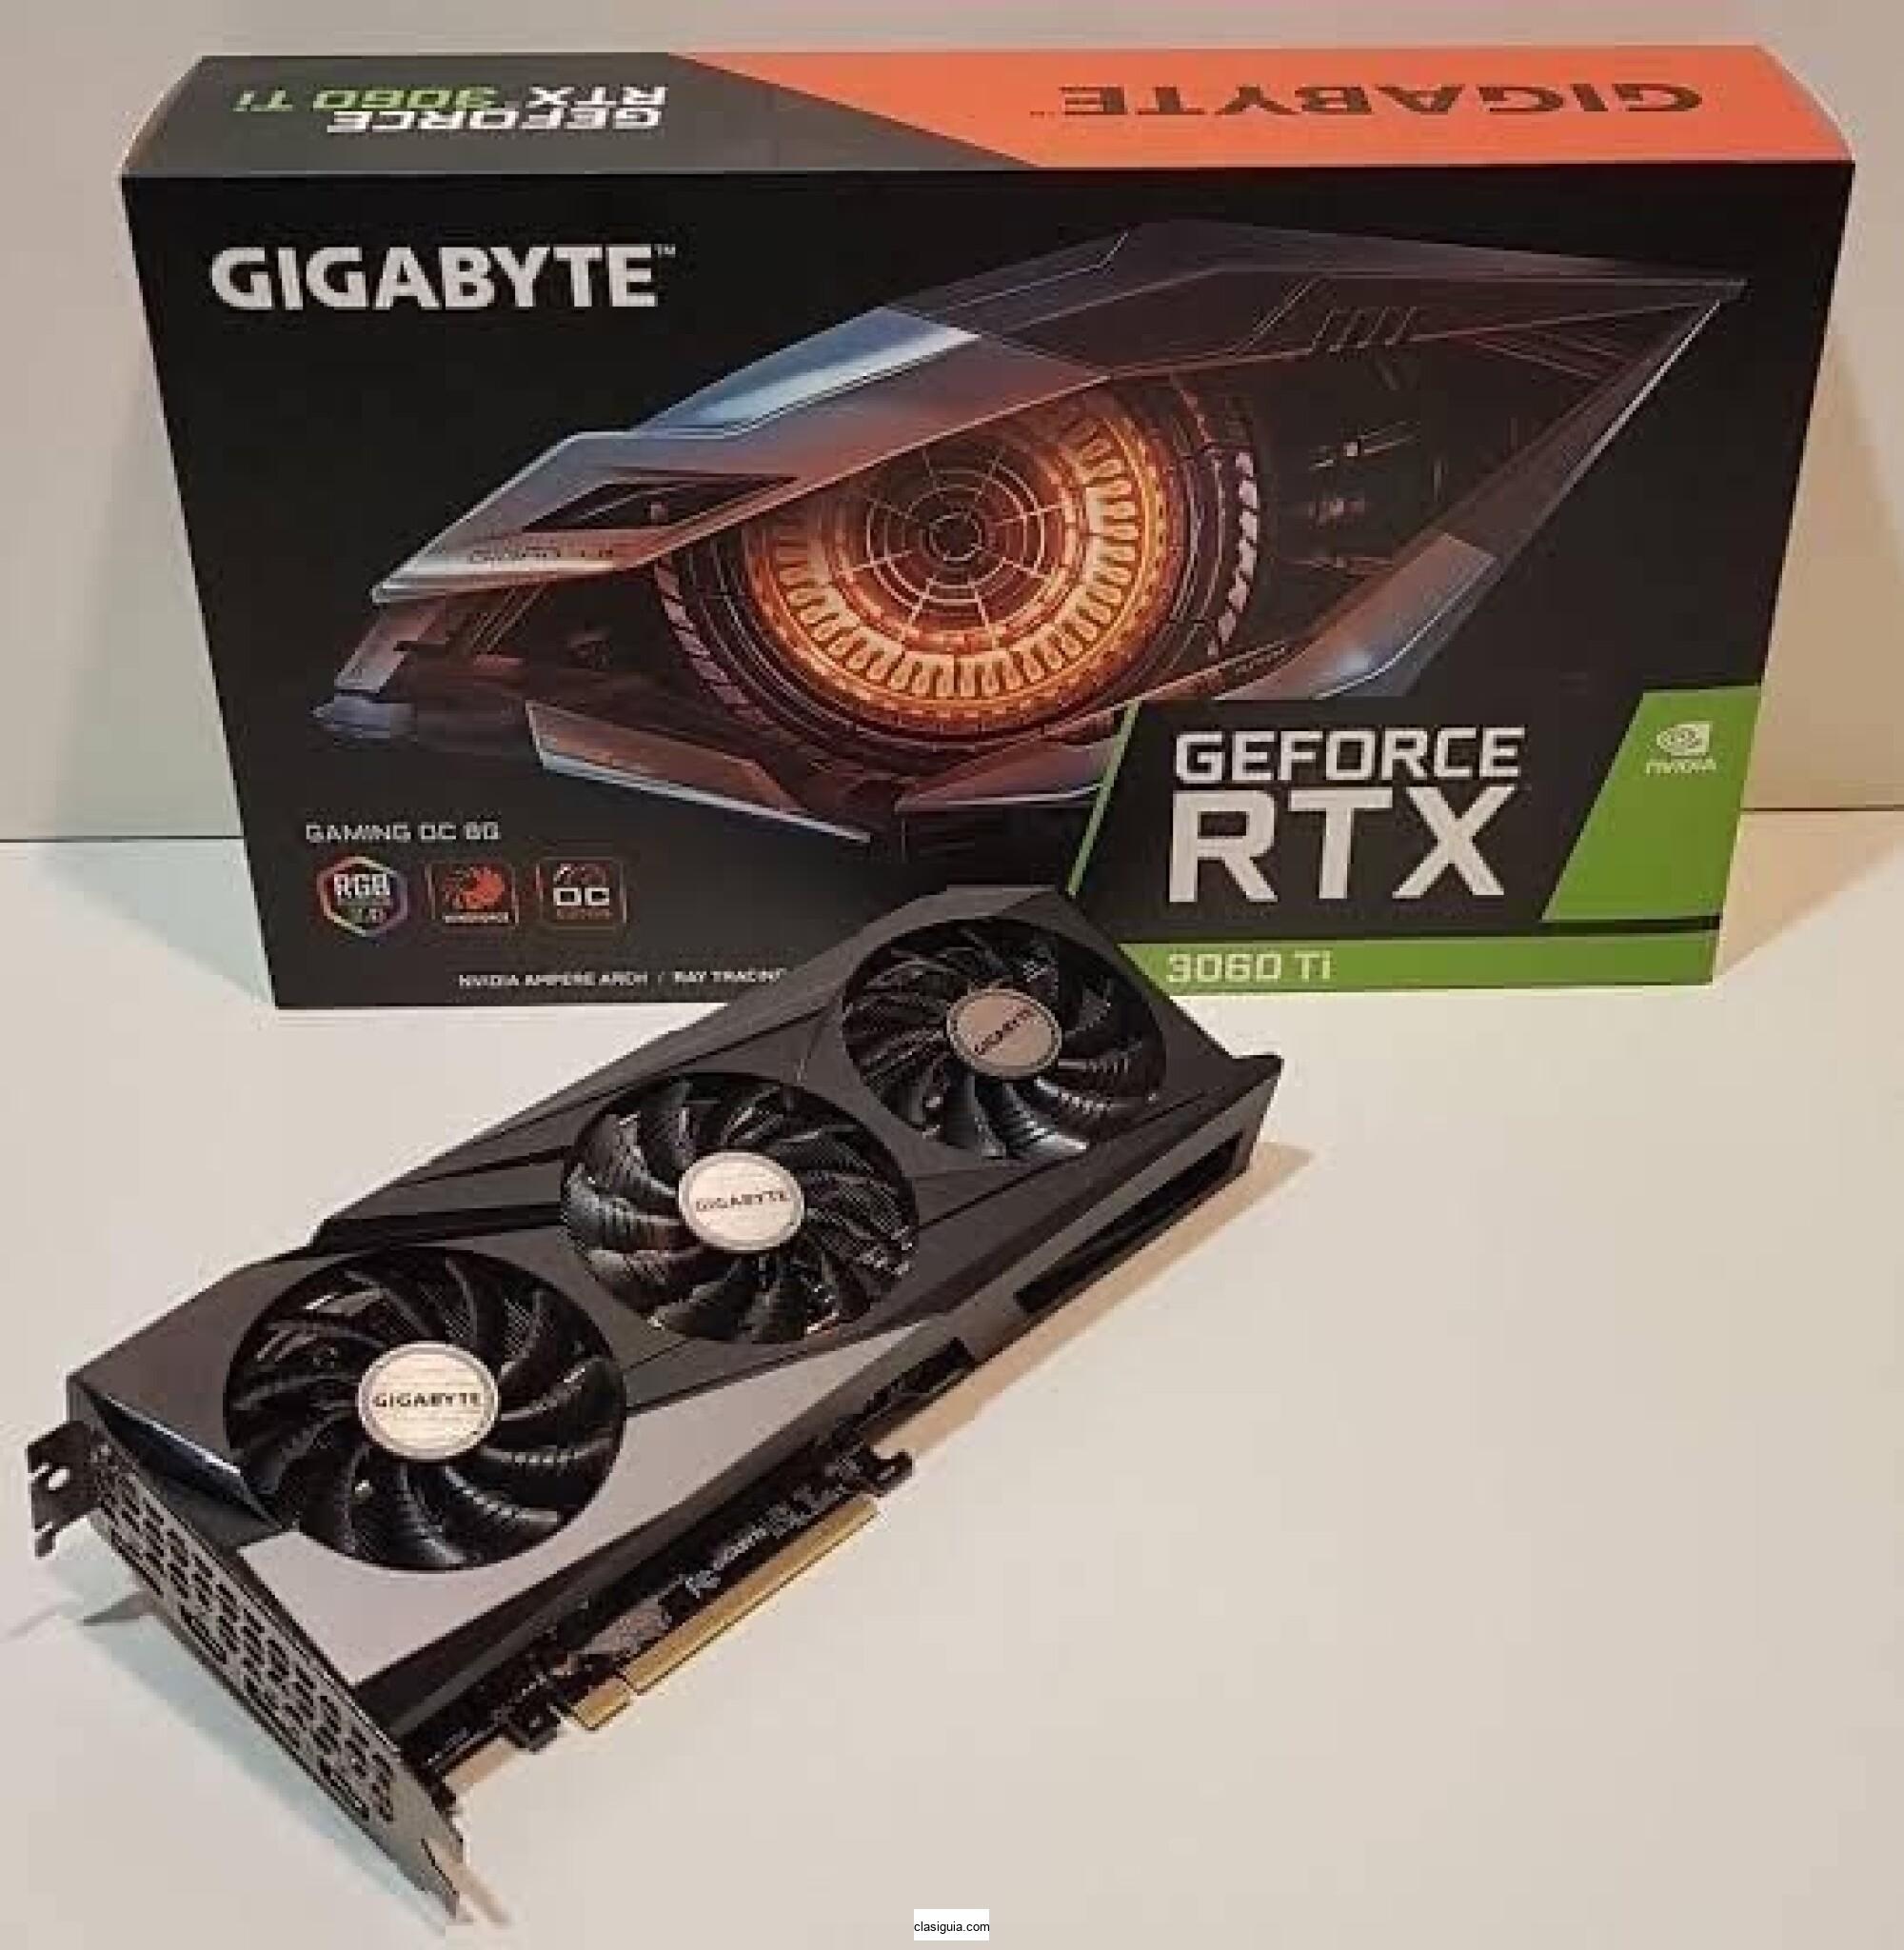 MSI ventus 3x GeForce RTX WhatsApp: +44 7466451875